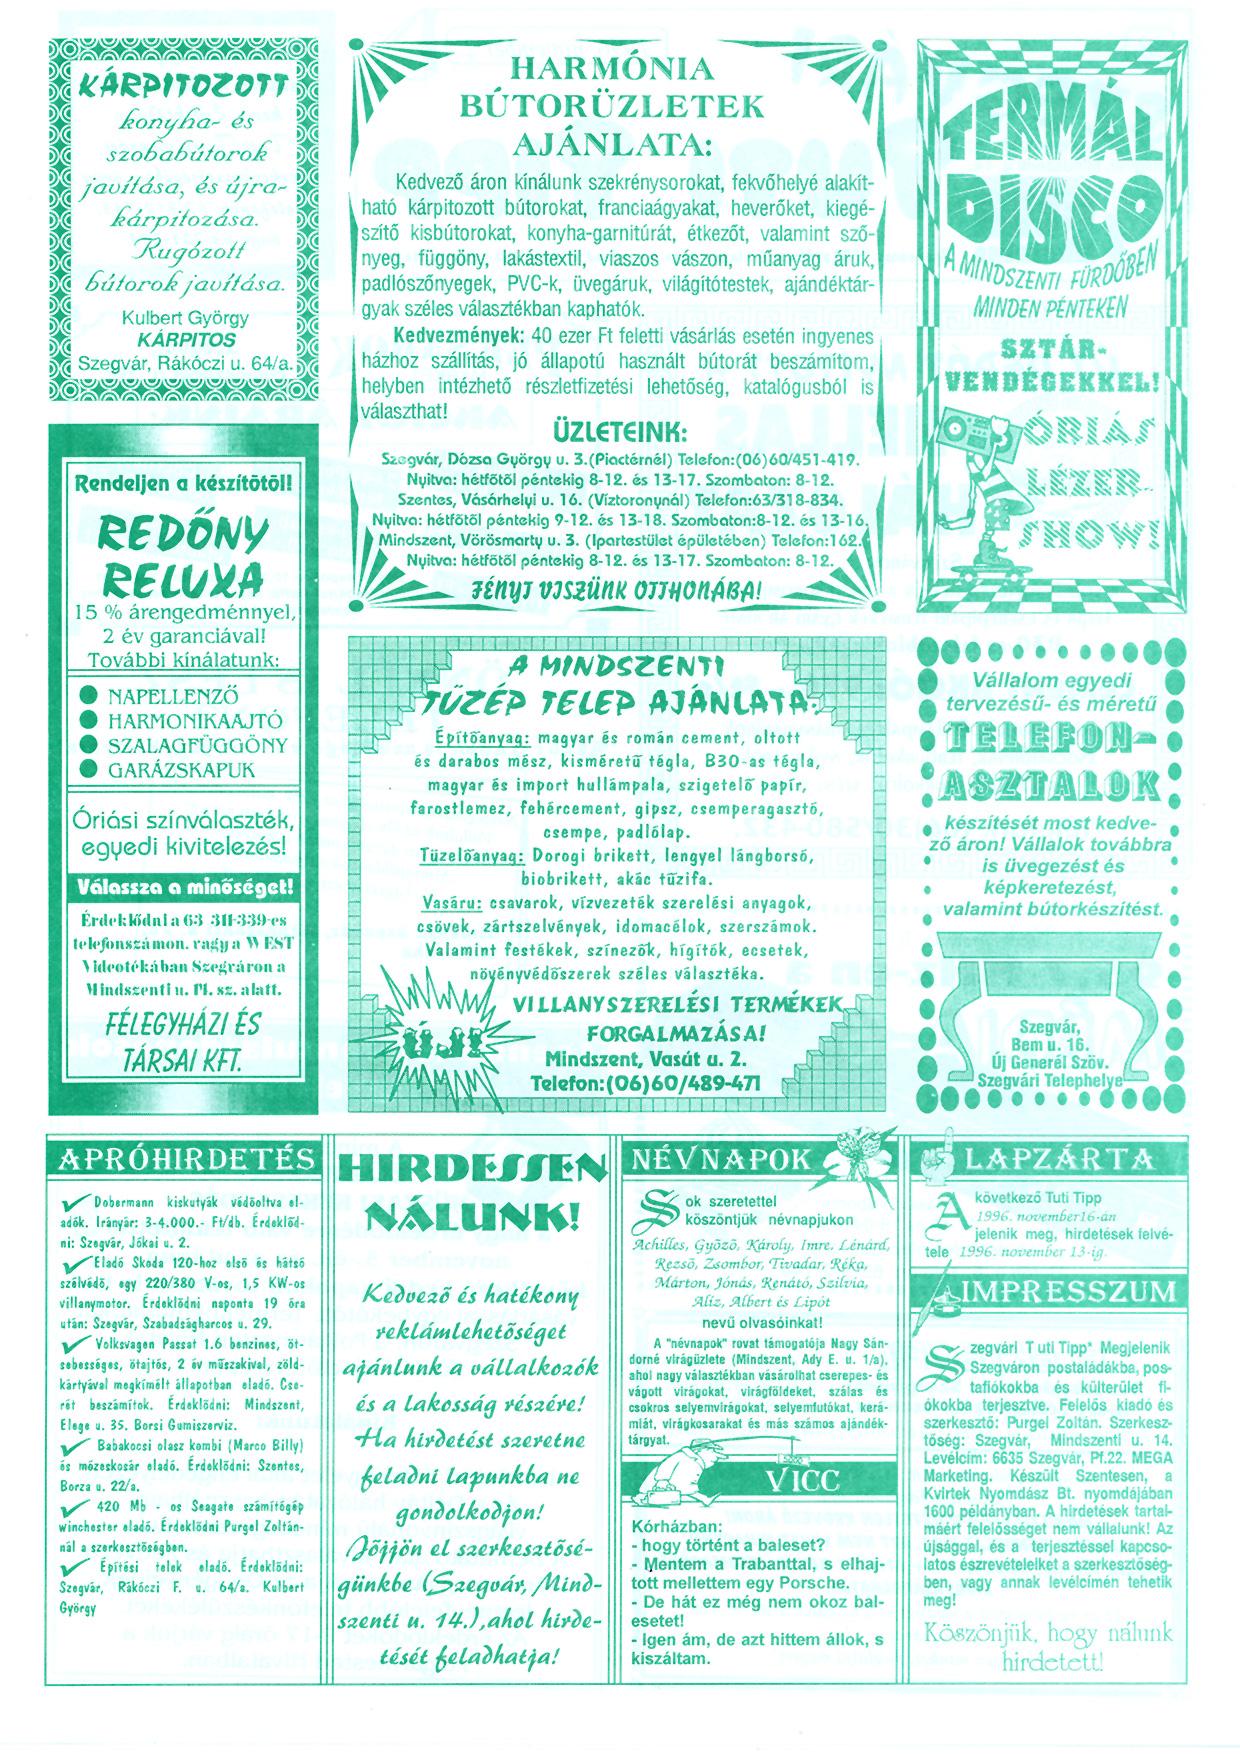 064 Szegvári Tuti Tipp reklámújság - 19961102-033. lapszám - 2.oldal - II. évfolyam.jpg